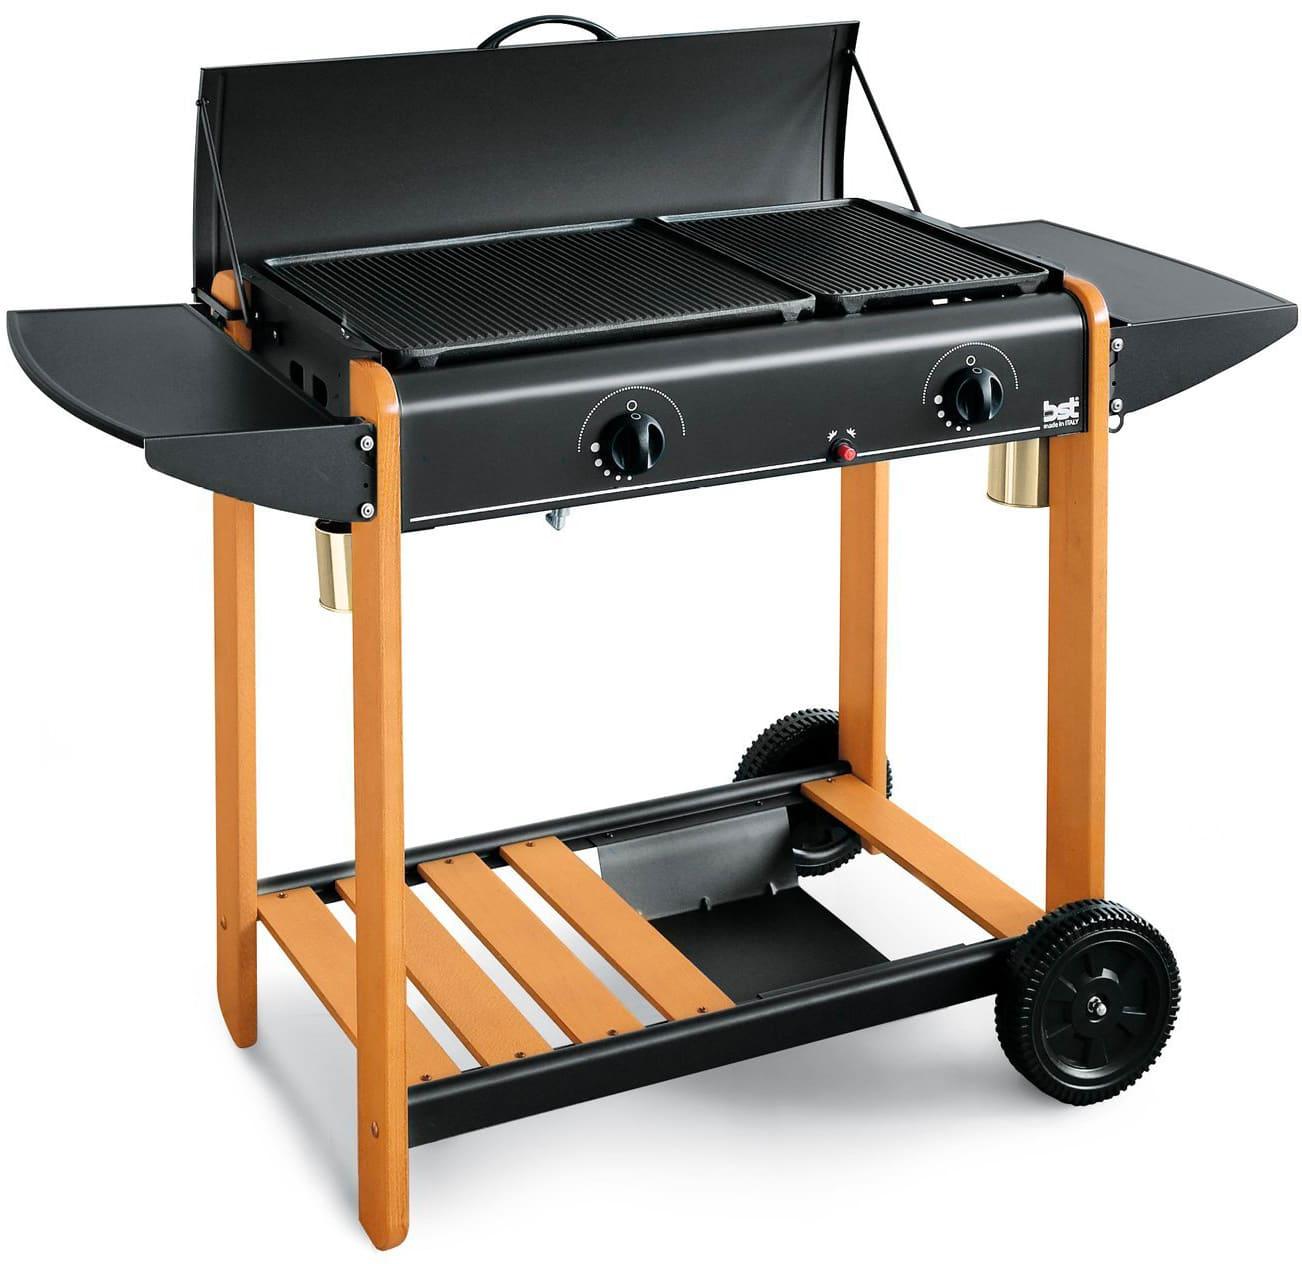 bst 340 Barbecue Gas Metano / Gpl Bbq Da Giardino In Acciaio Potenza 6.2 Kw 76x43x83h Cm Con Coperchio E Ruote - 340 Miami